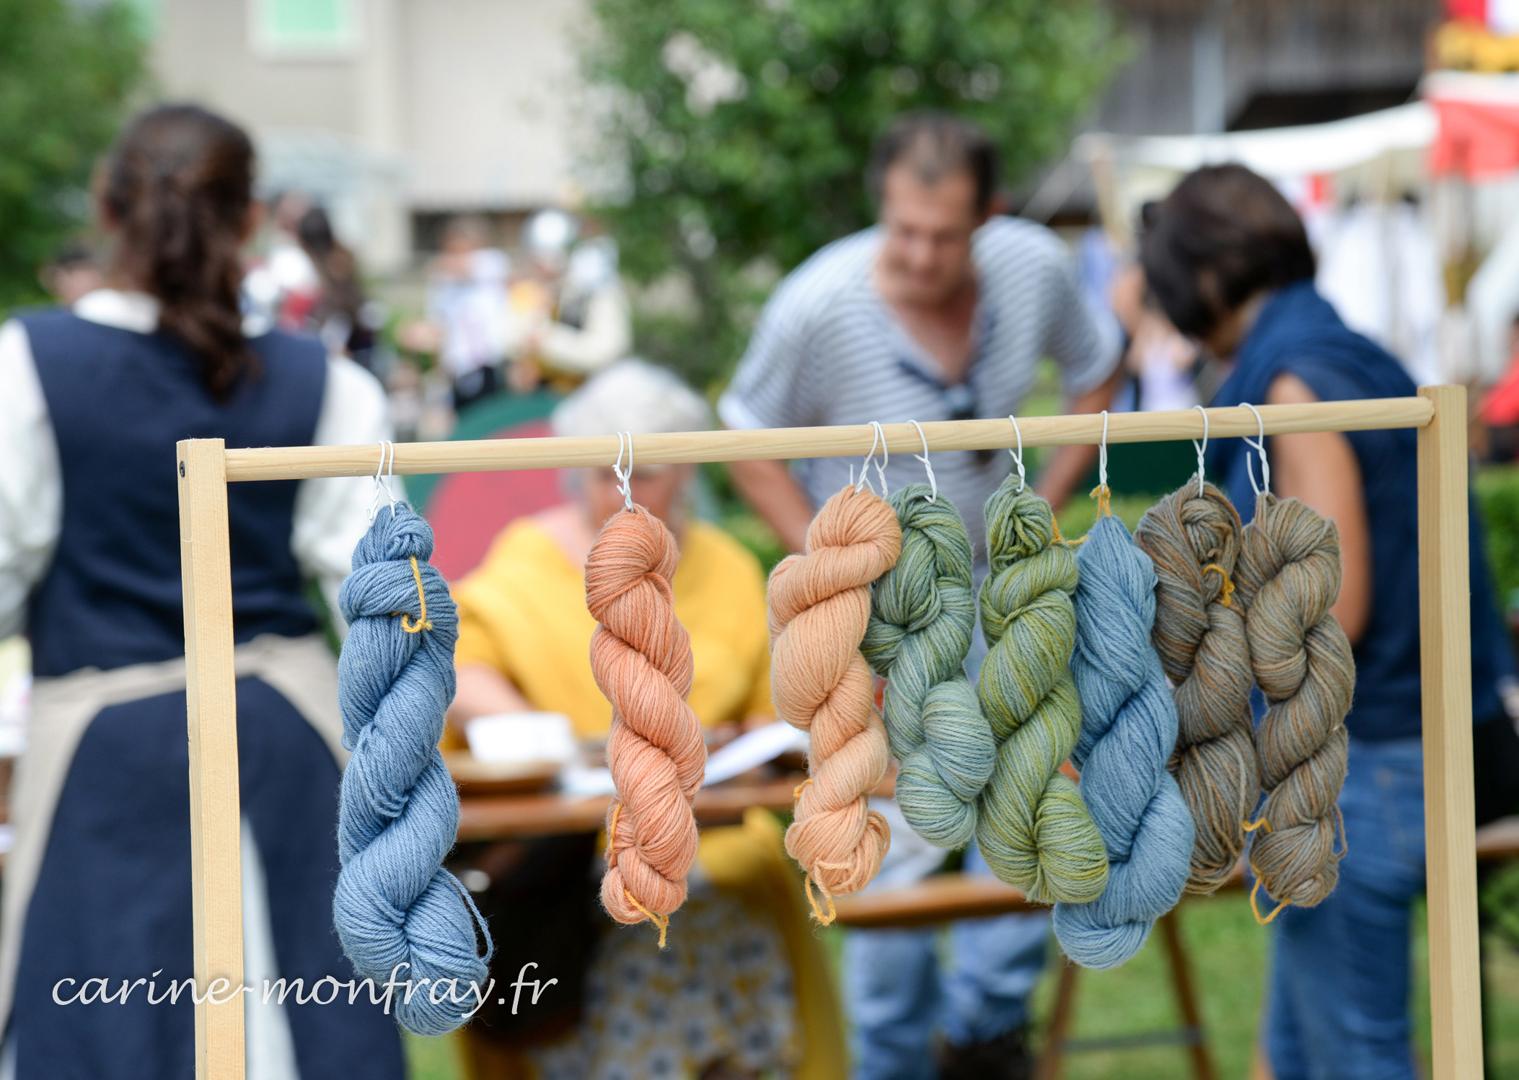 Montcornelles laines animation Chantier médiéval du Bugey